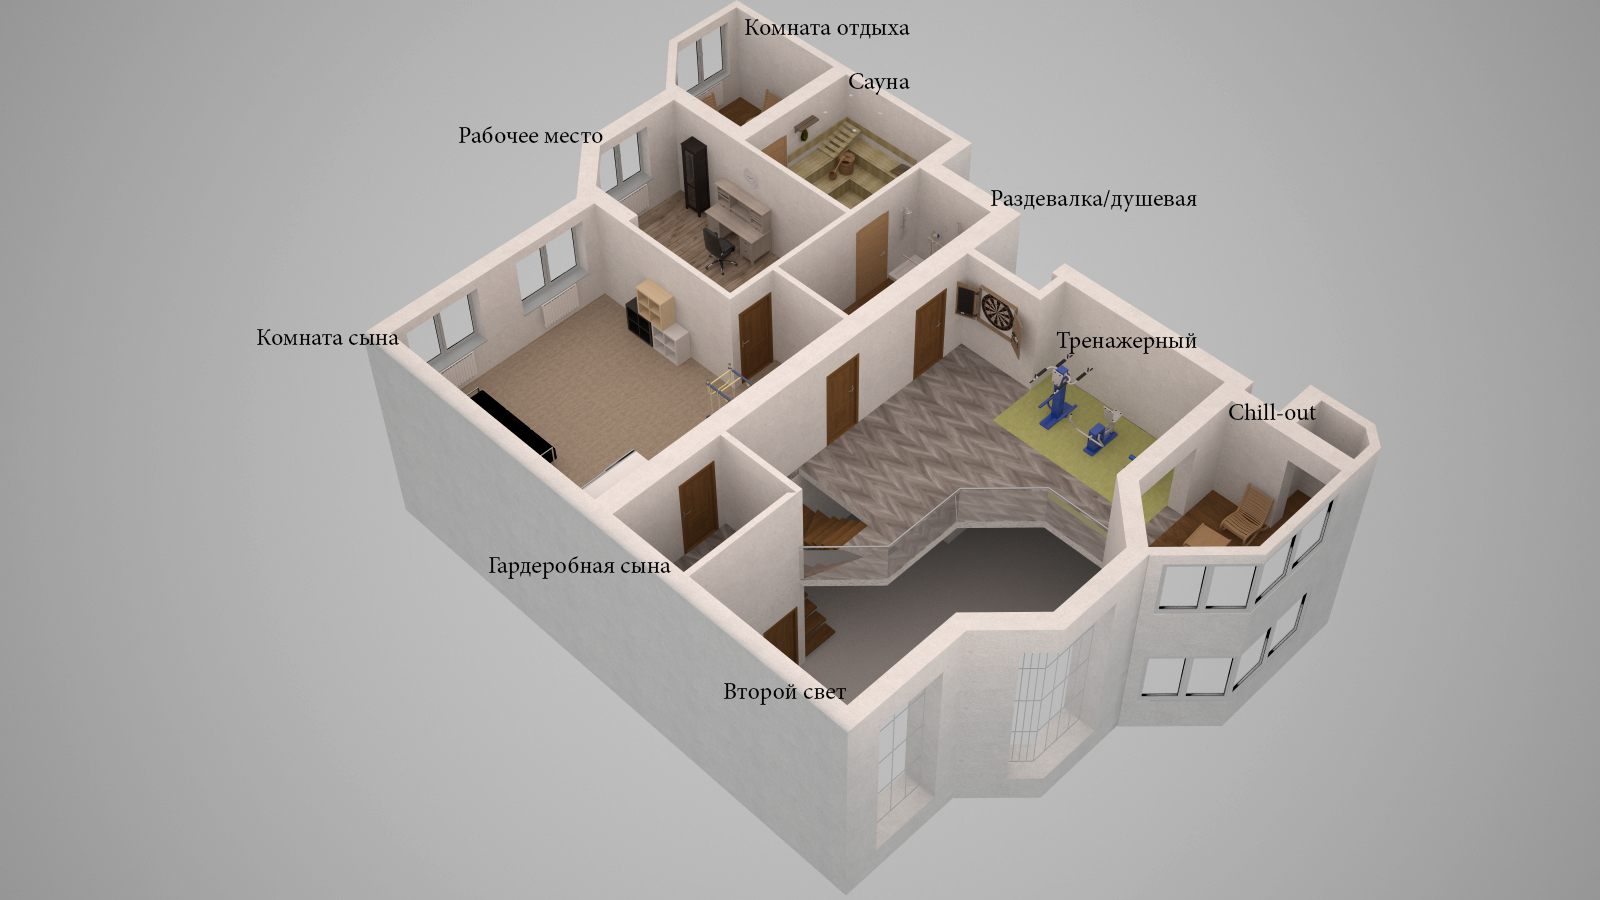 Объединение + планировка квартиры (~260 кв.м.) фото f_6635a575f6fcd745.jpg